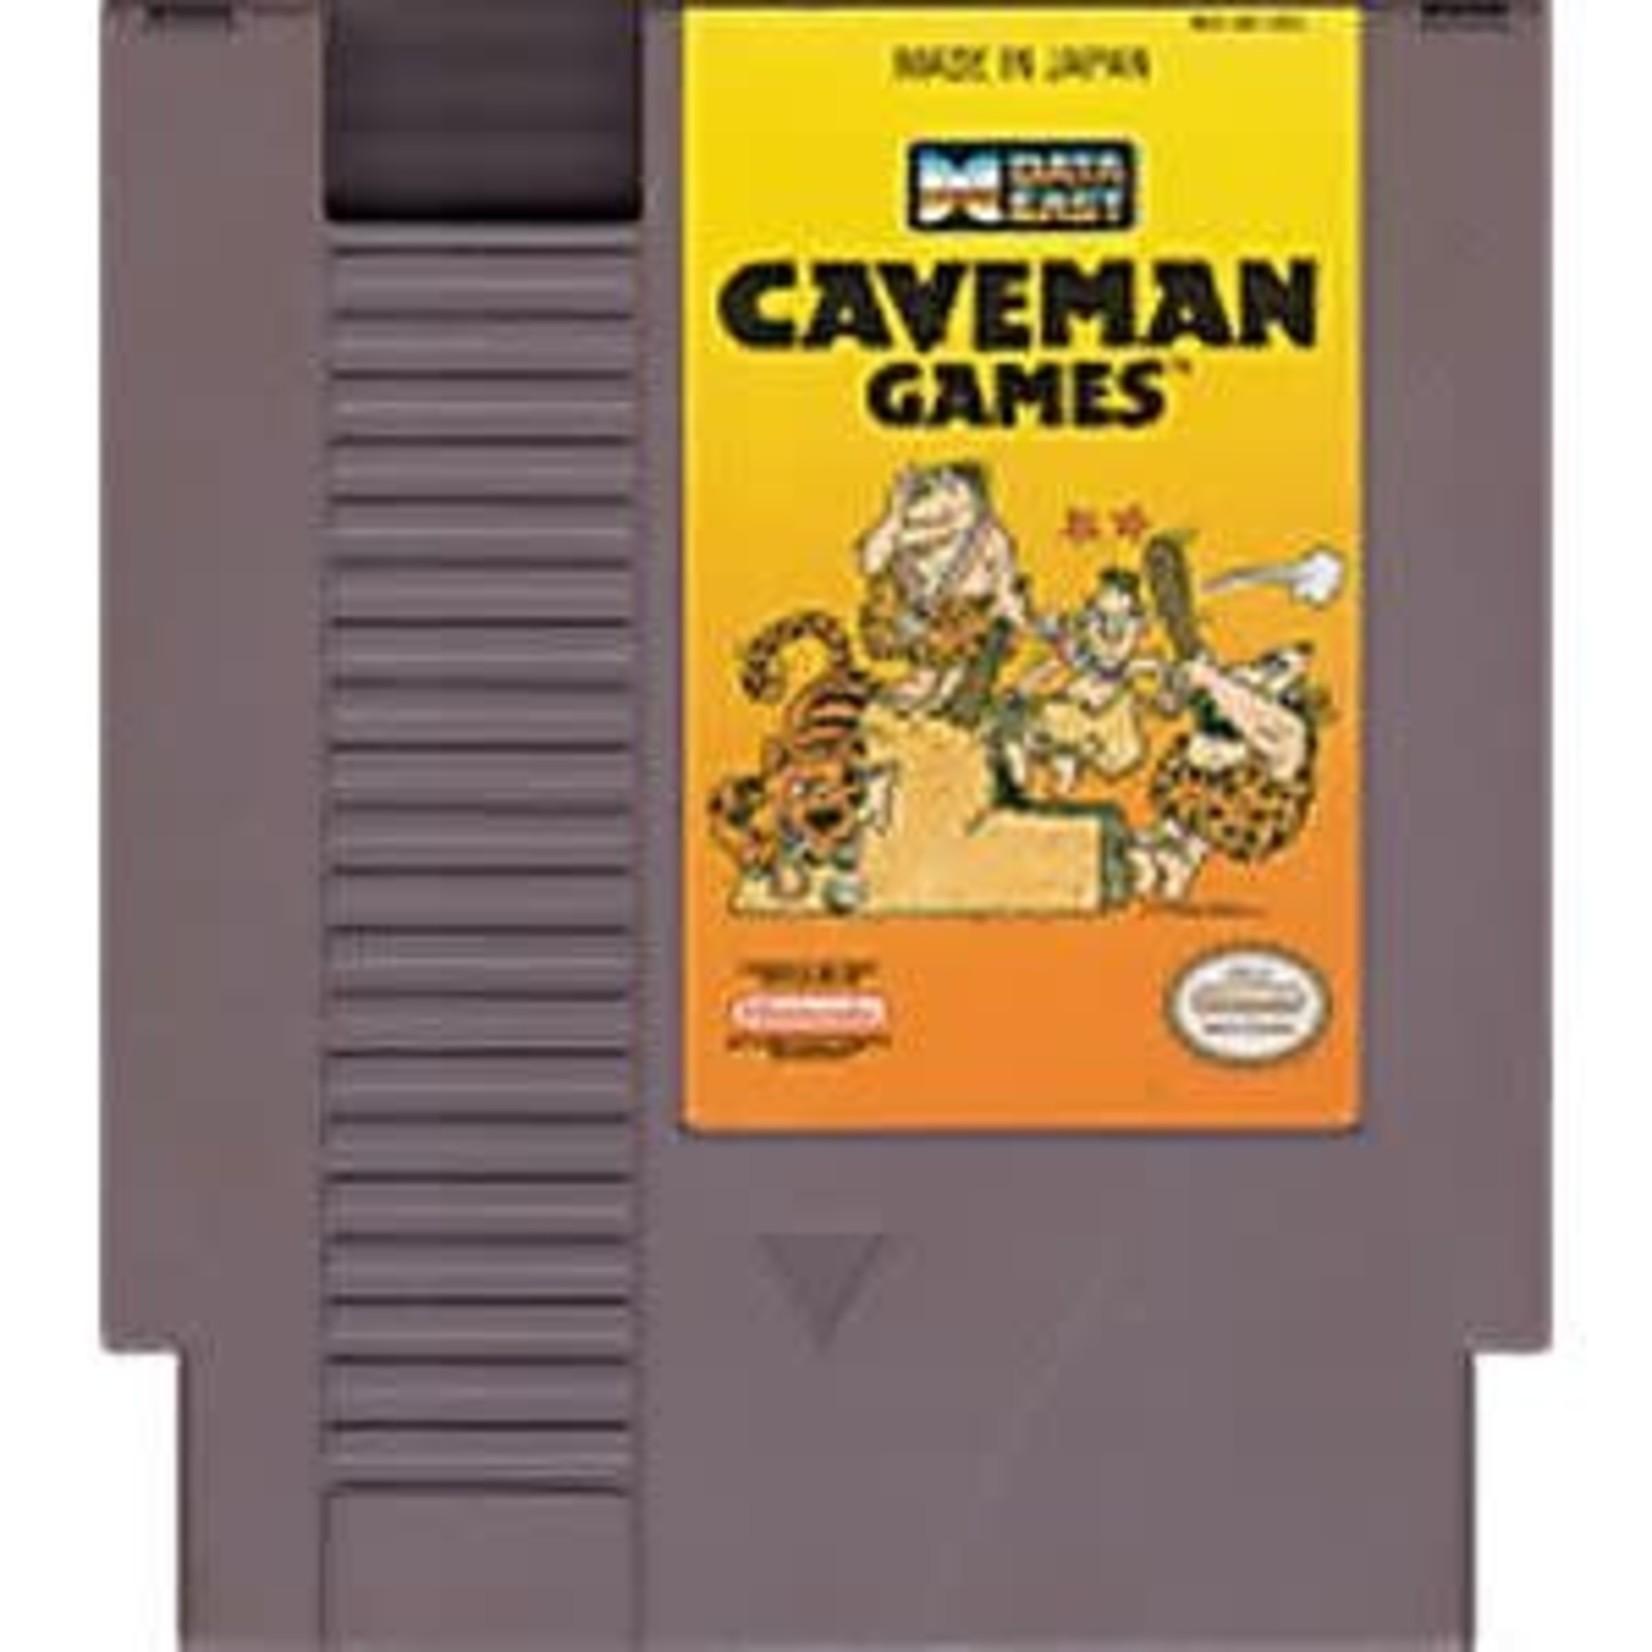 Caveman Games (NES)